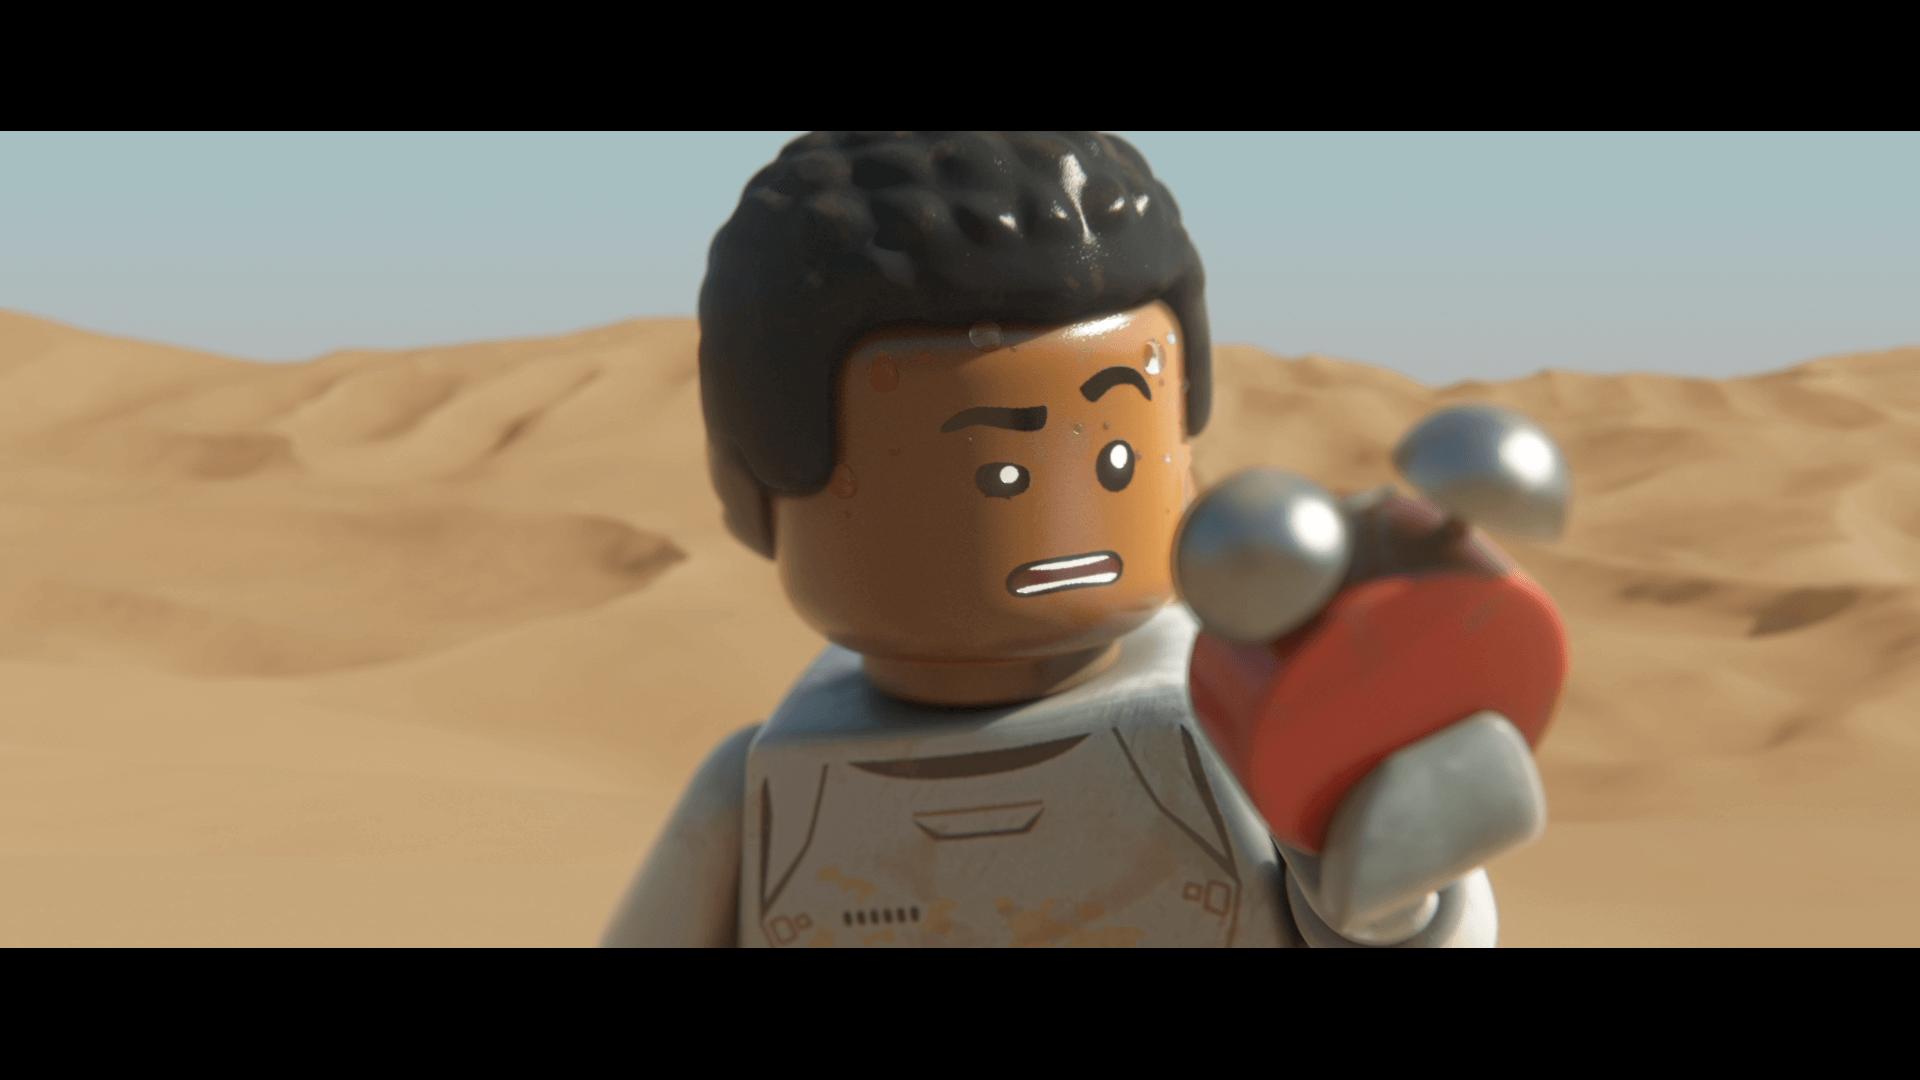 Lego Star Wars: The Force Awakens: Wer hat an der Uhr gedreht? (Bildrechte: Feral Interactive)